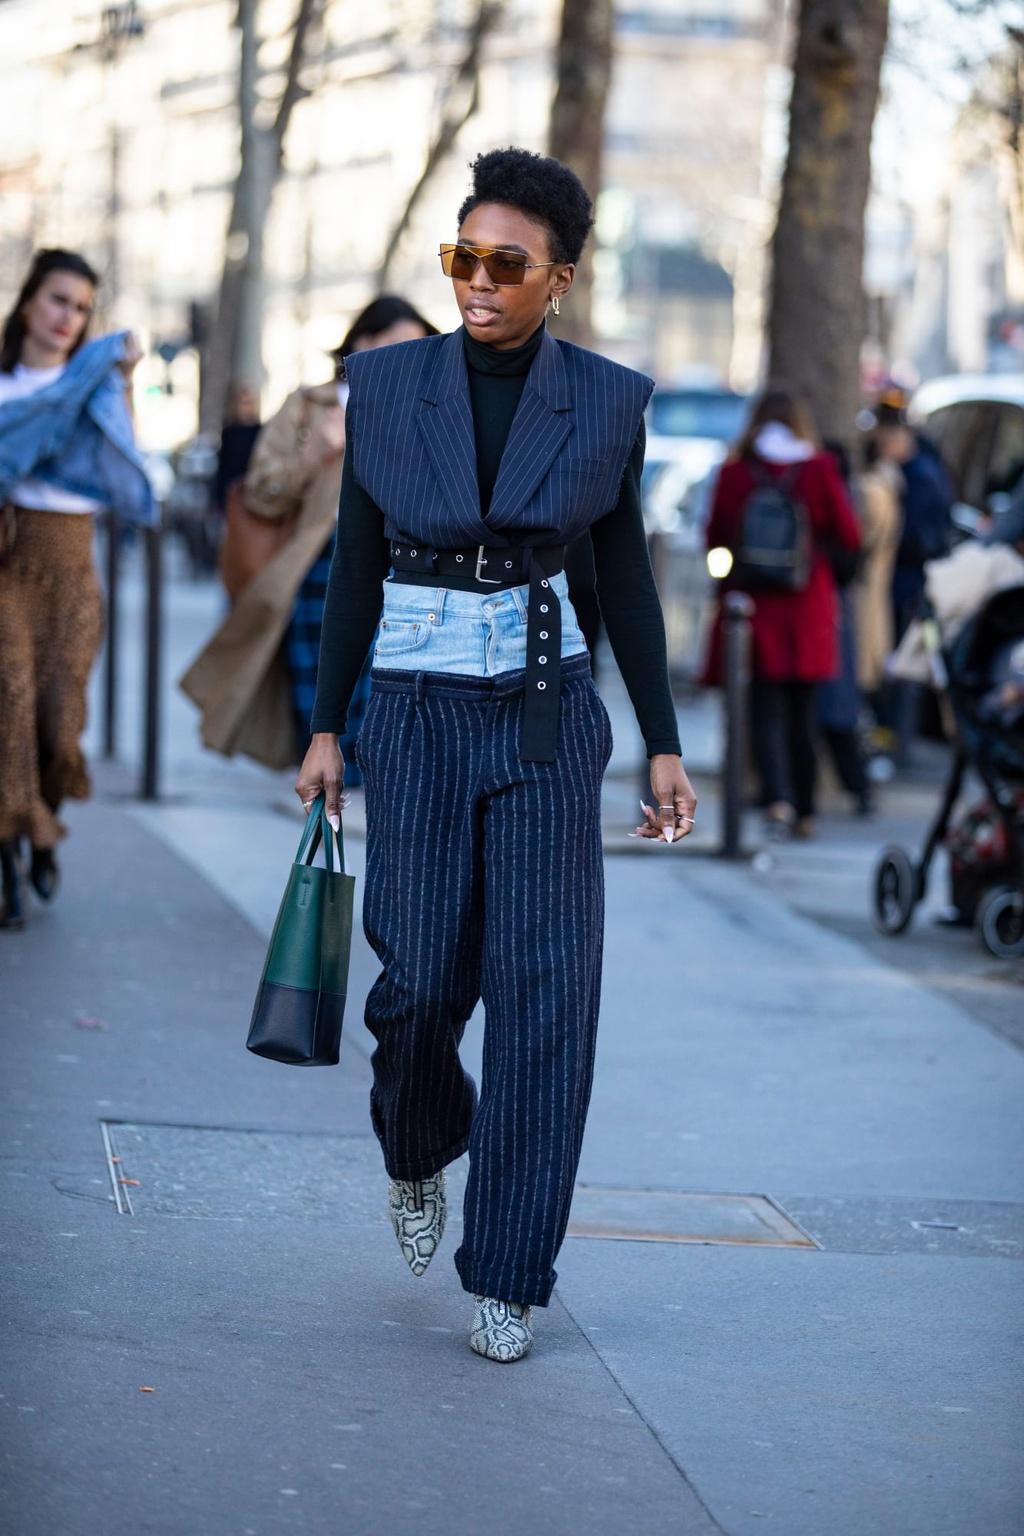 Fashionista Viet anh 7